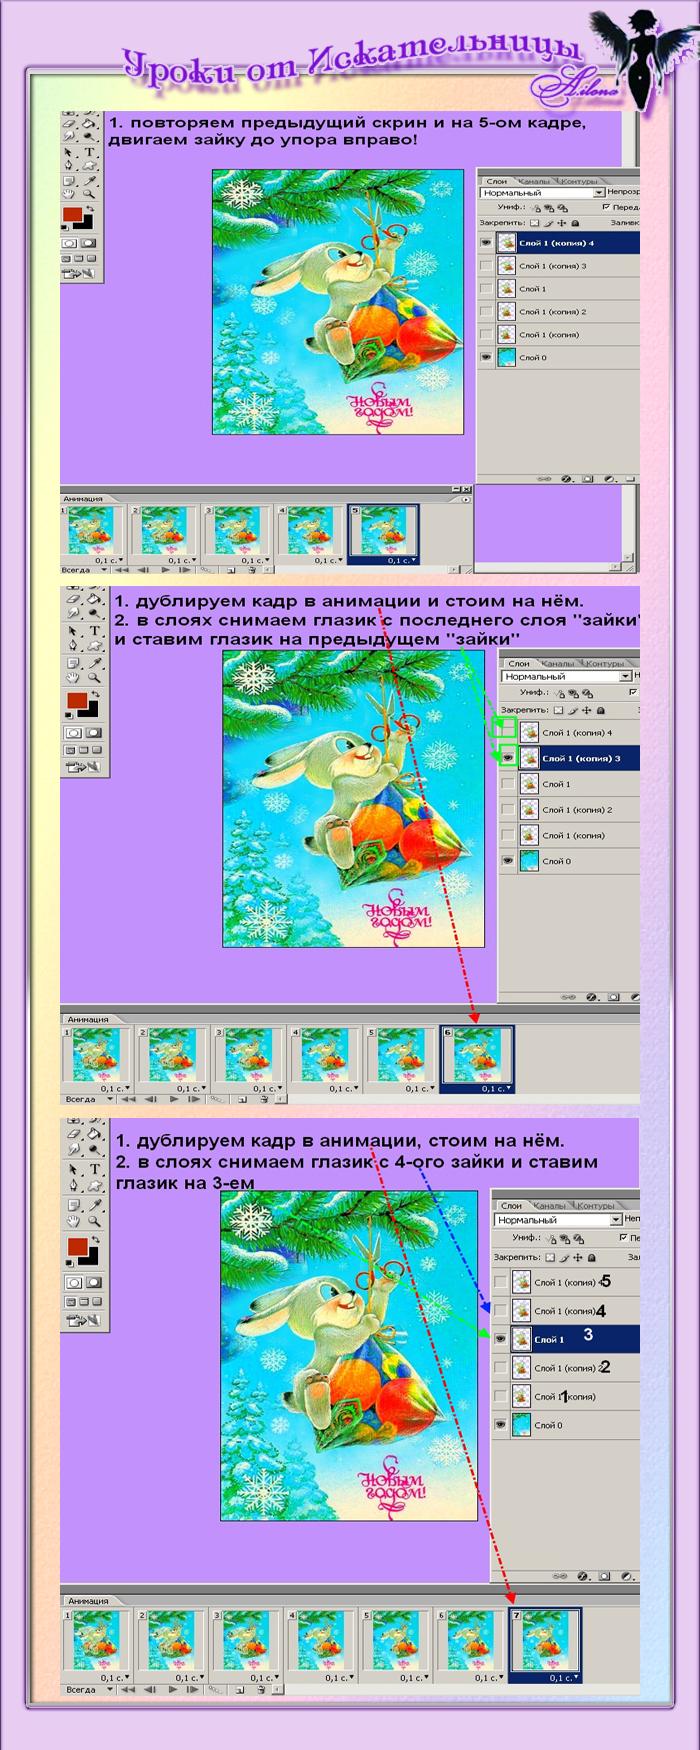 уроки фотошоп от Искательницы Ailona